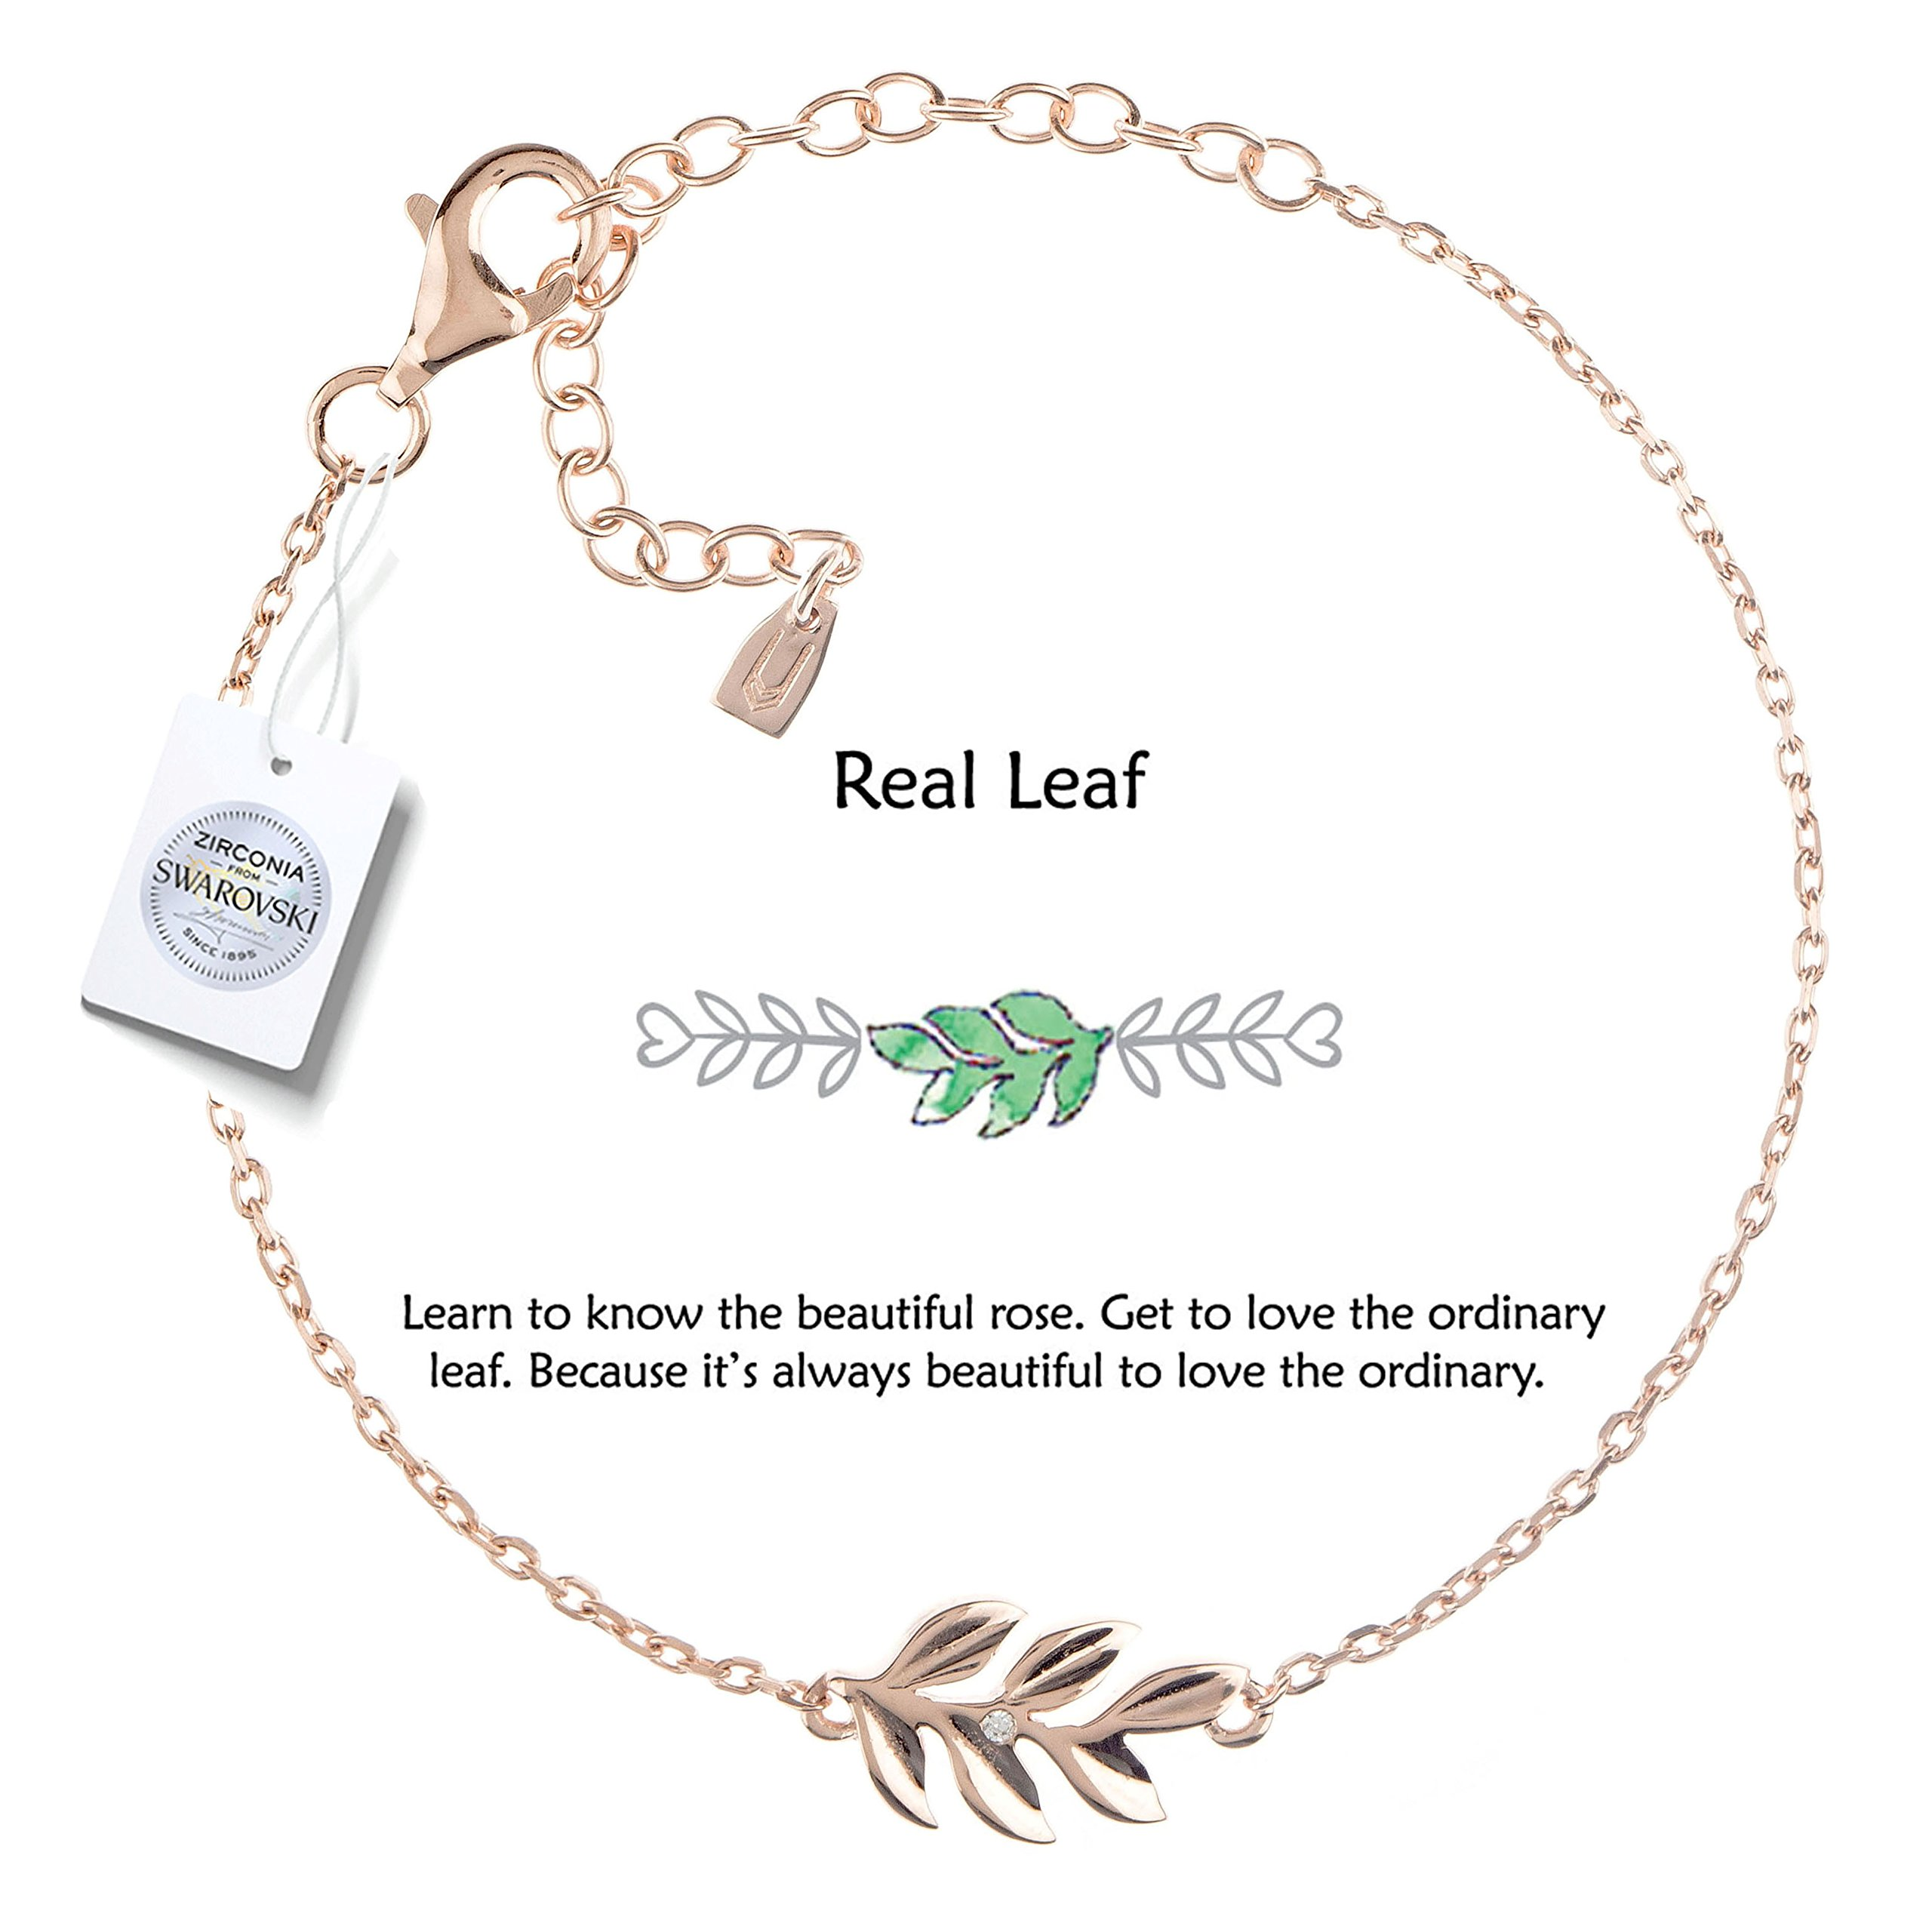 Vivid&Keith Leaf Bracelet ♥Just a Leaf♥ 925 Sterling Silver Adjustable Bracelet 18K Gold Plated with Swarovski Zirconia